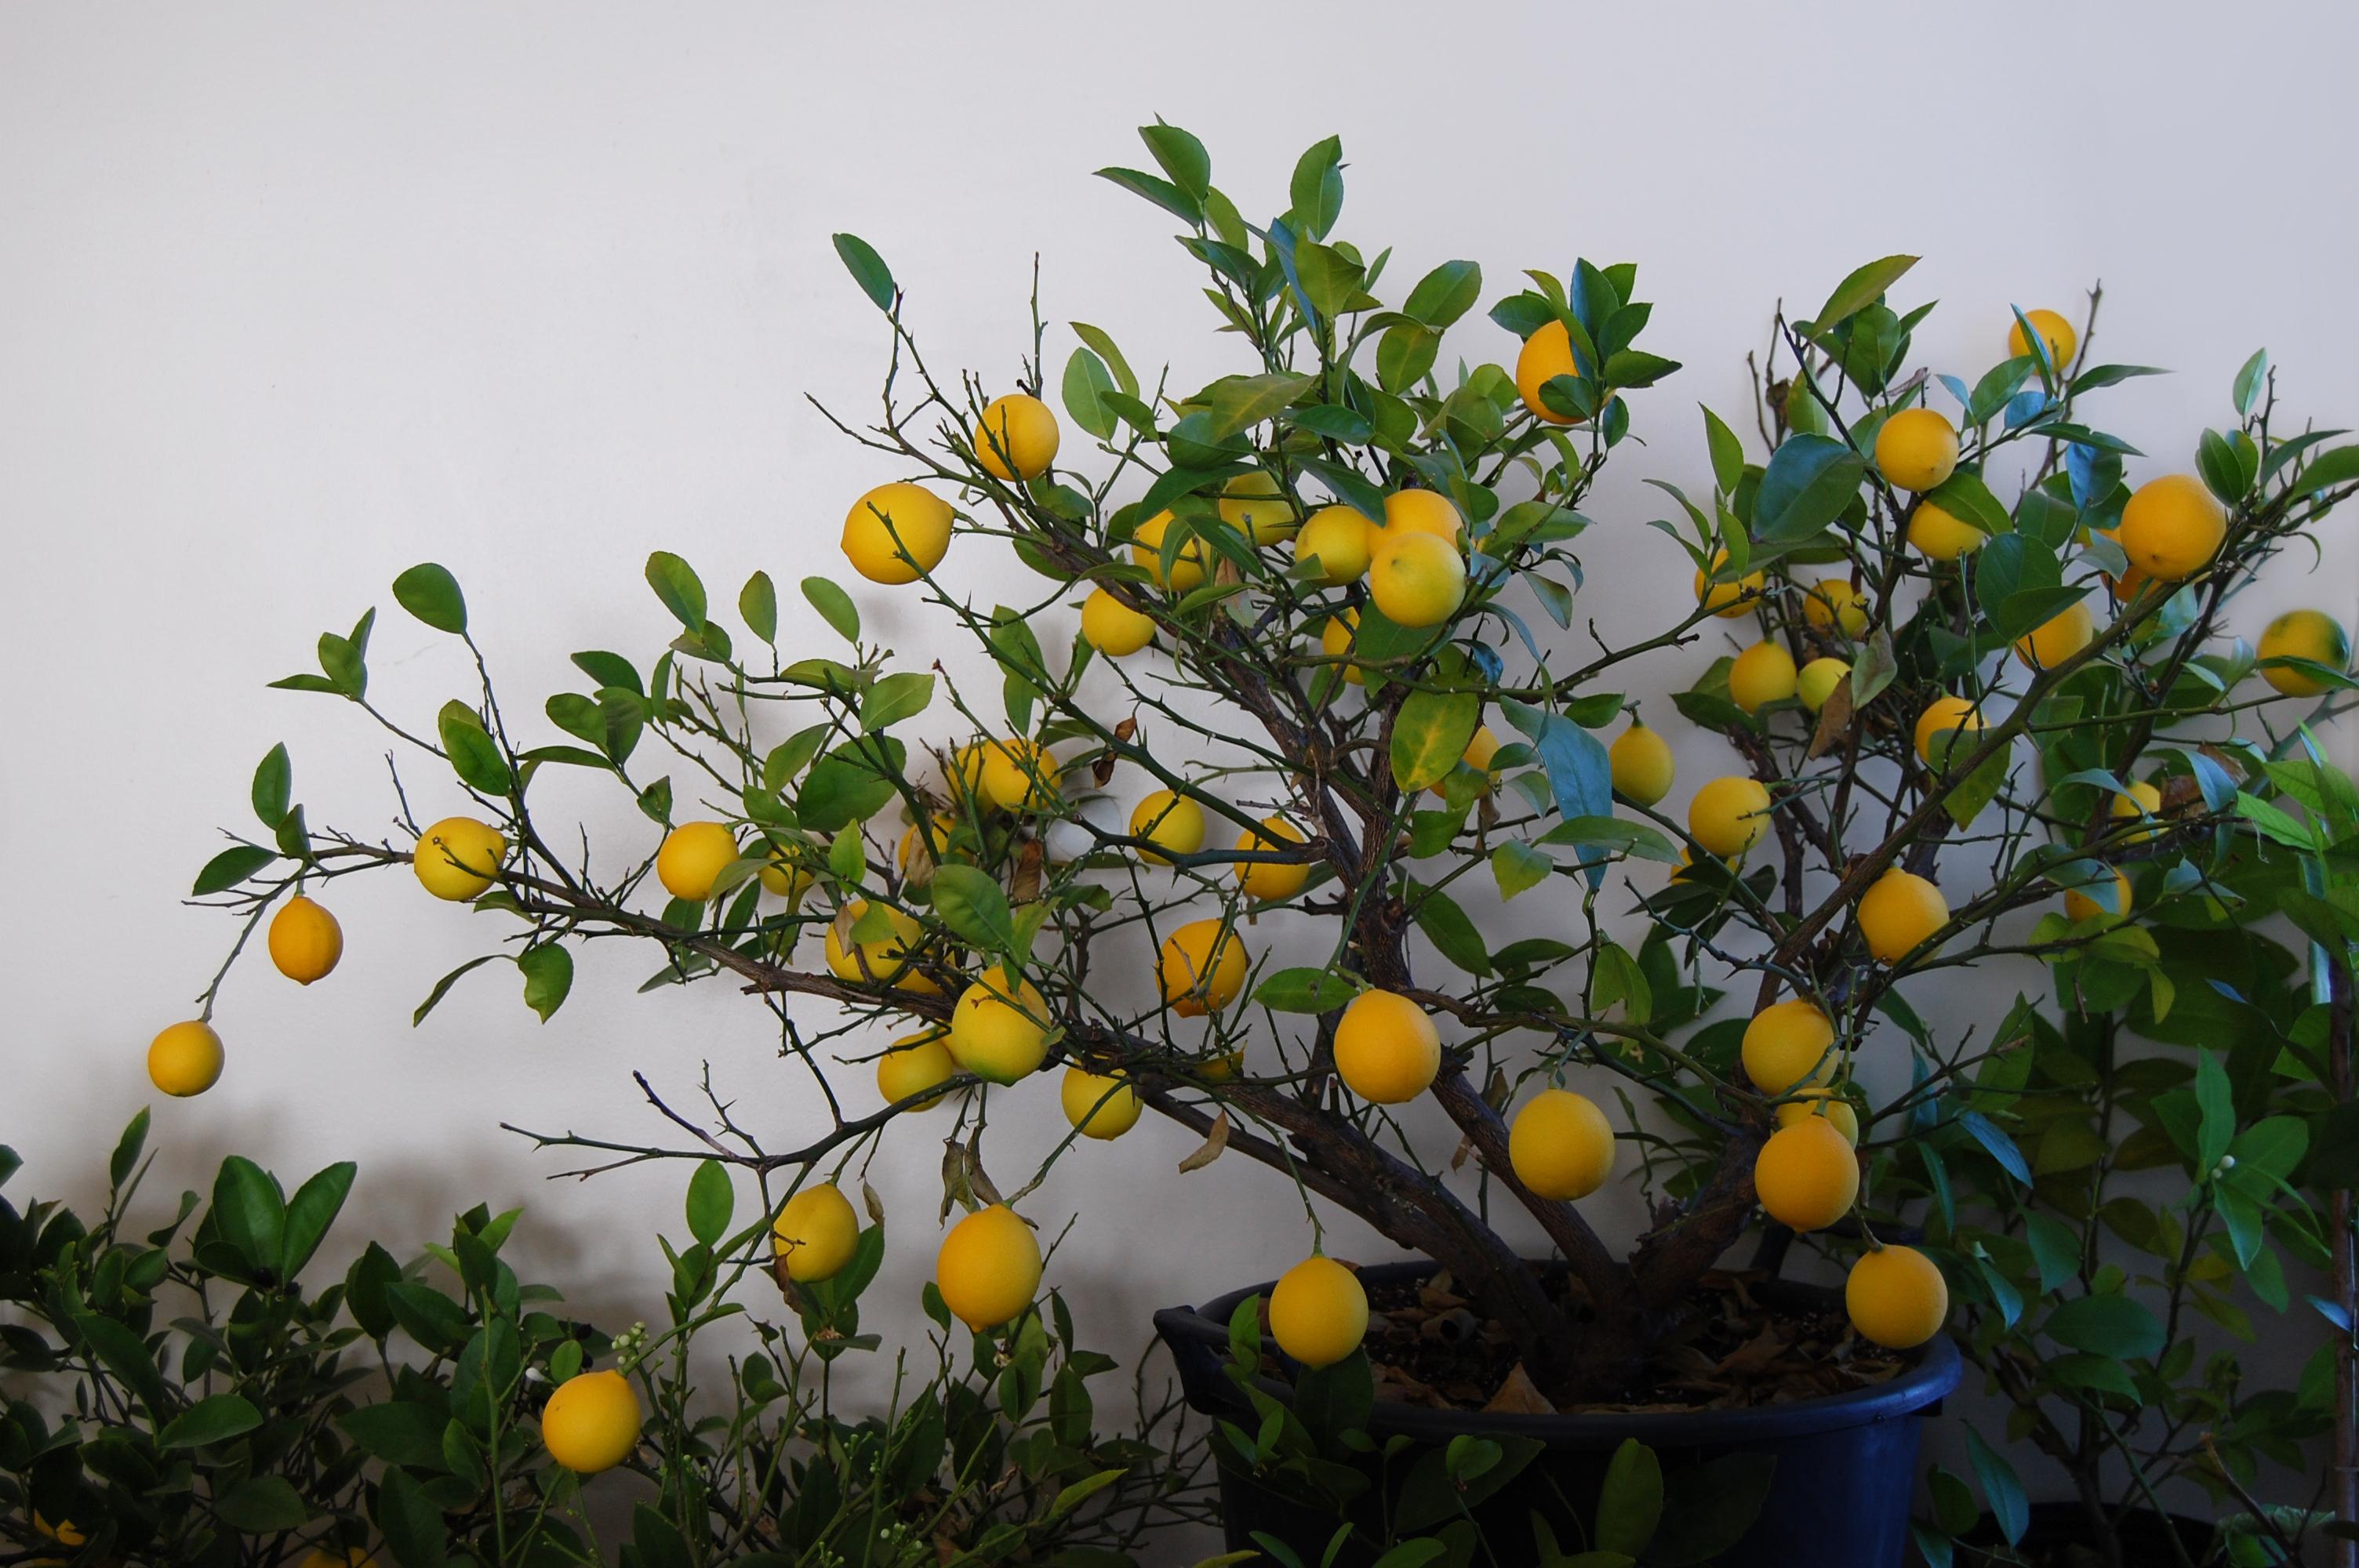 Meyer Lemon Tree in a pot